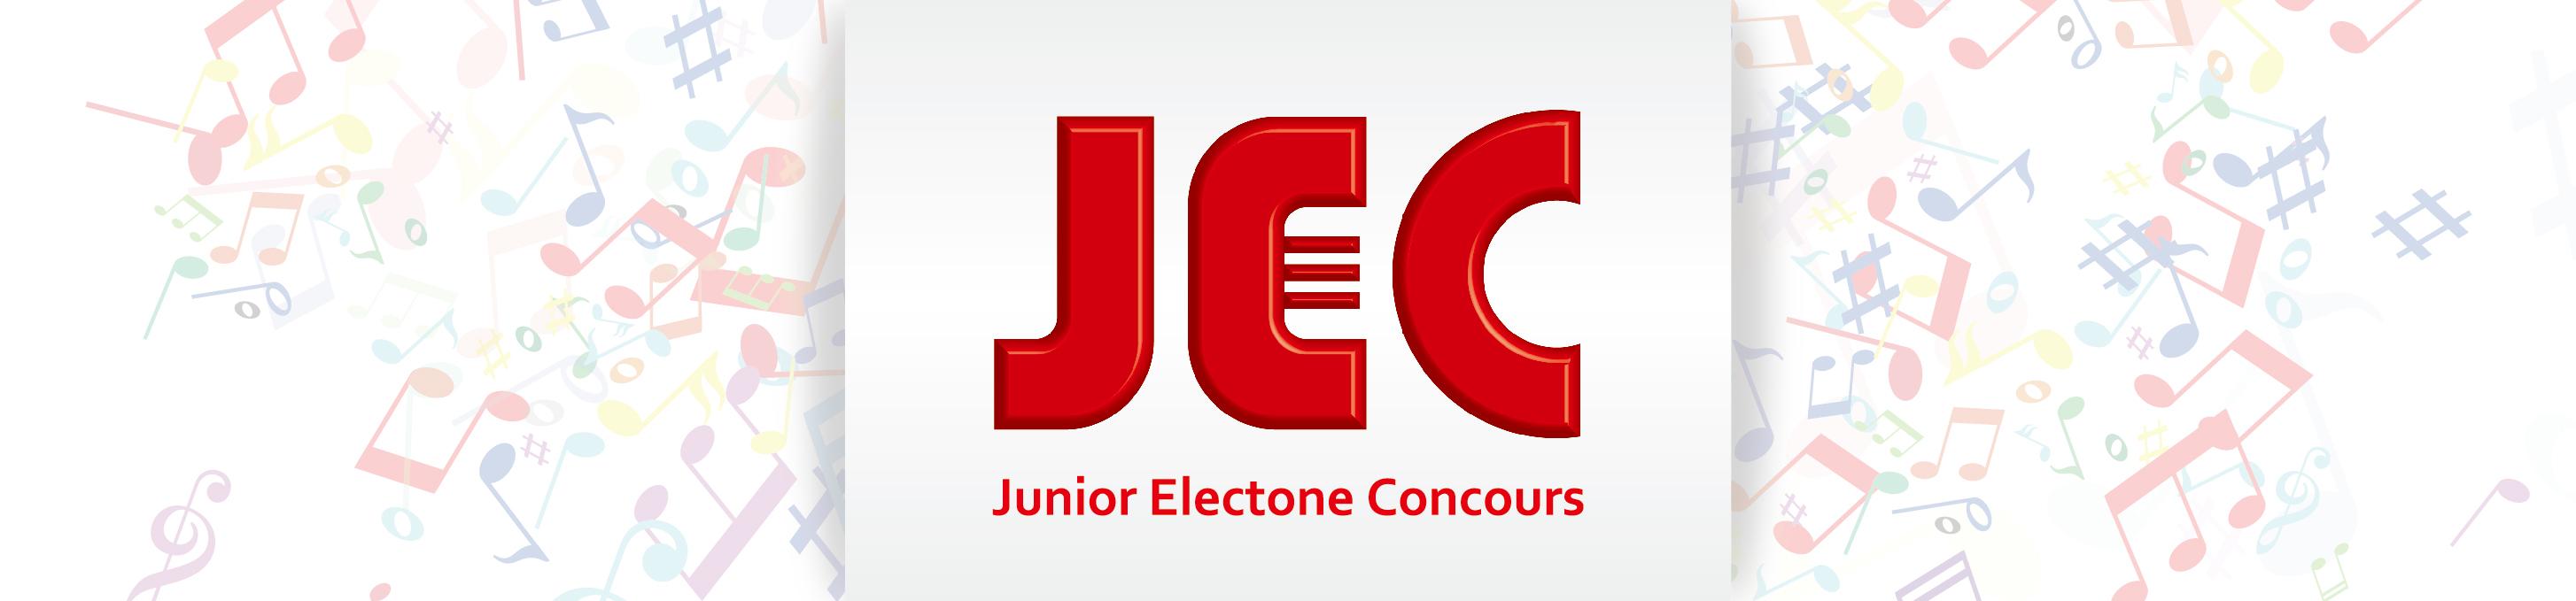 0823_JEC-banner_698x163